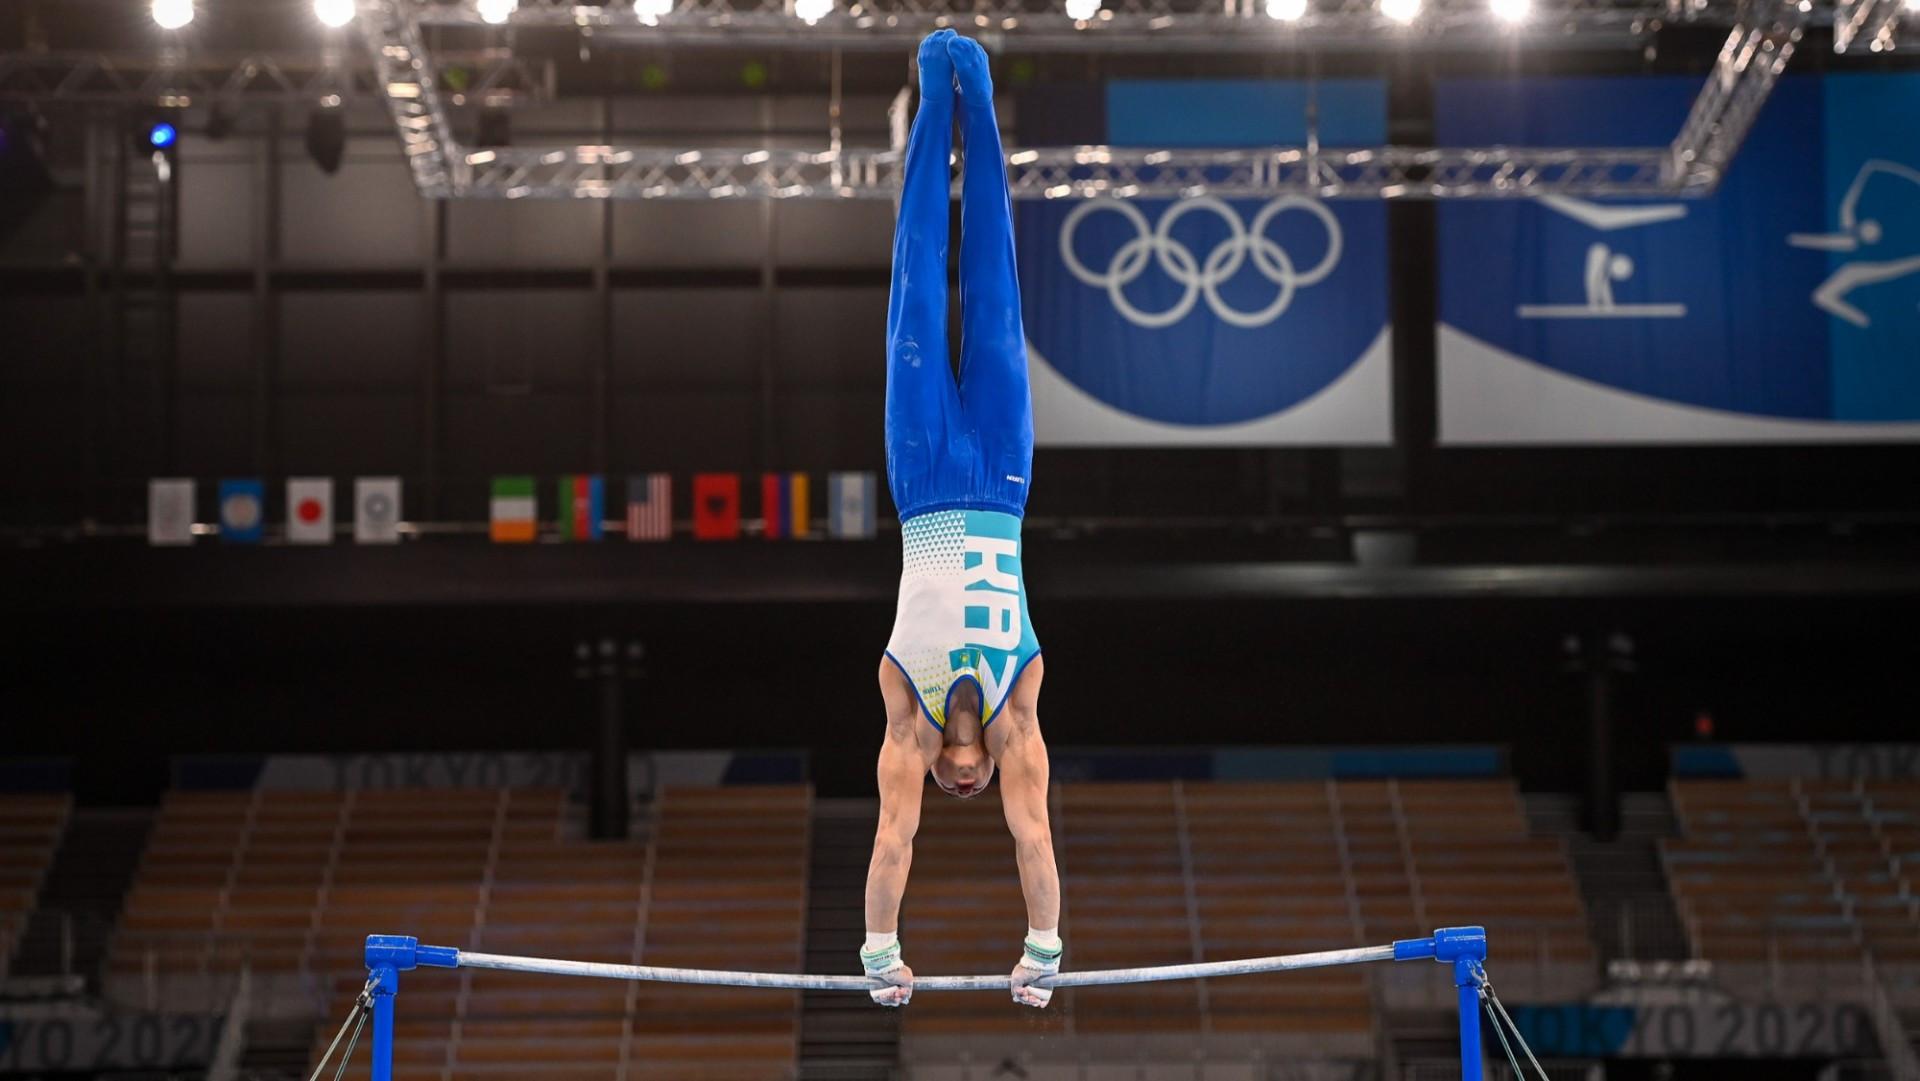 Милад Карими спорттық гимнастикадан әлем кубогінің финалына өтті